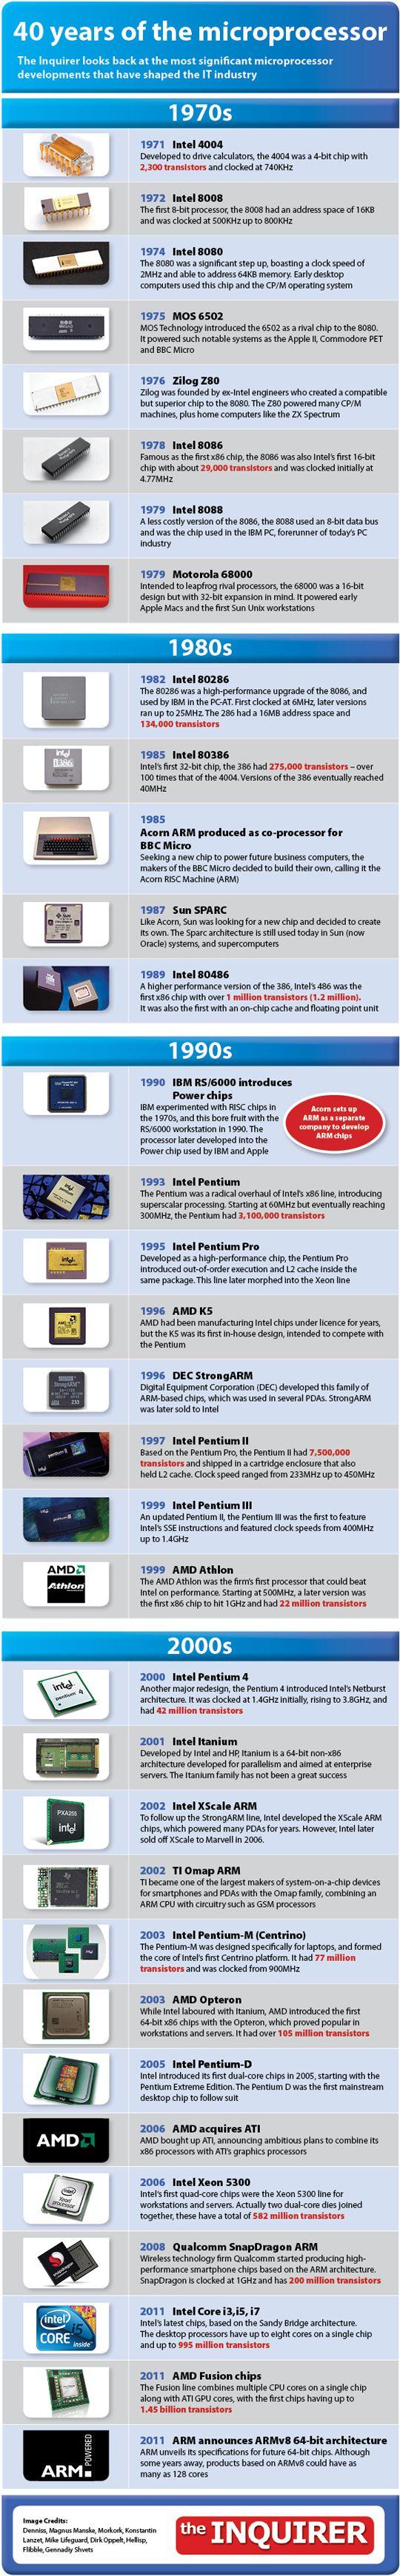 evolucion cpu Evolución de los microprocesadores, 40 años de historia (INFOGRAFIA)